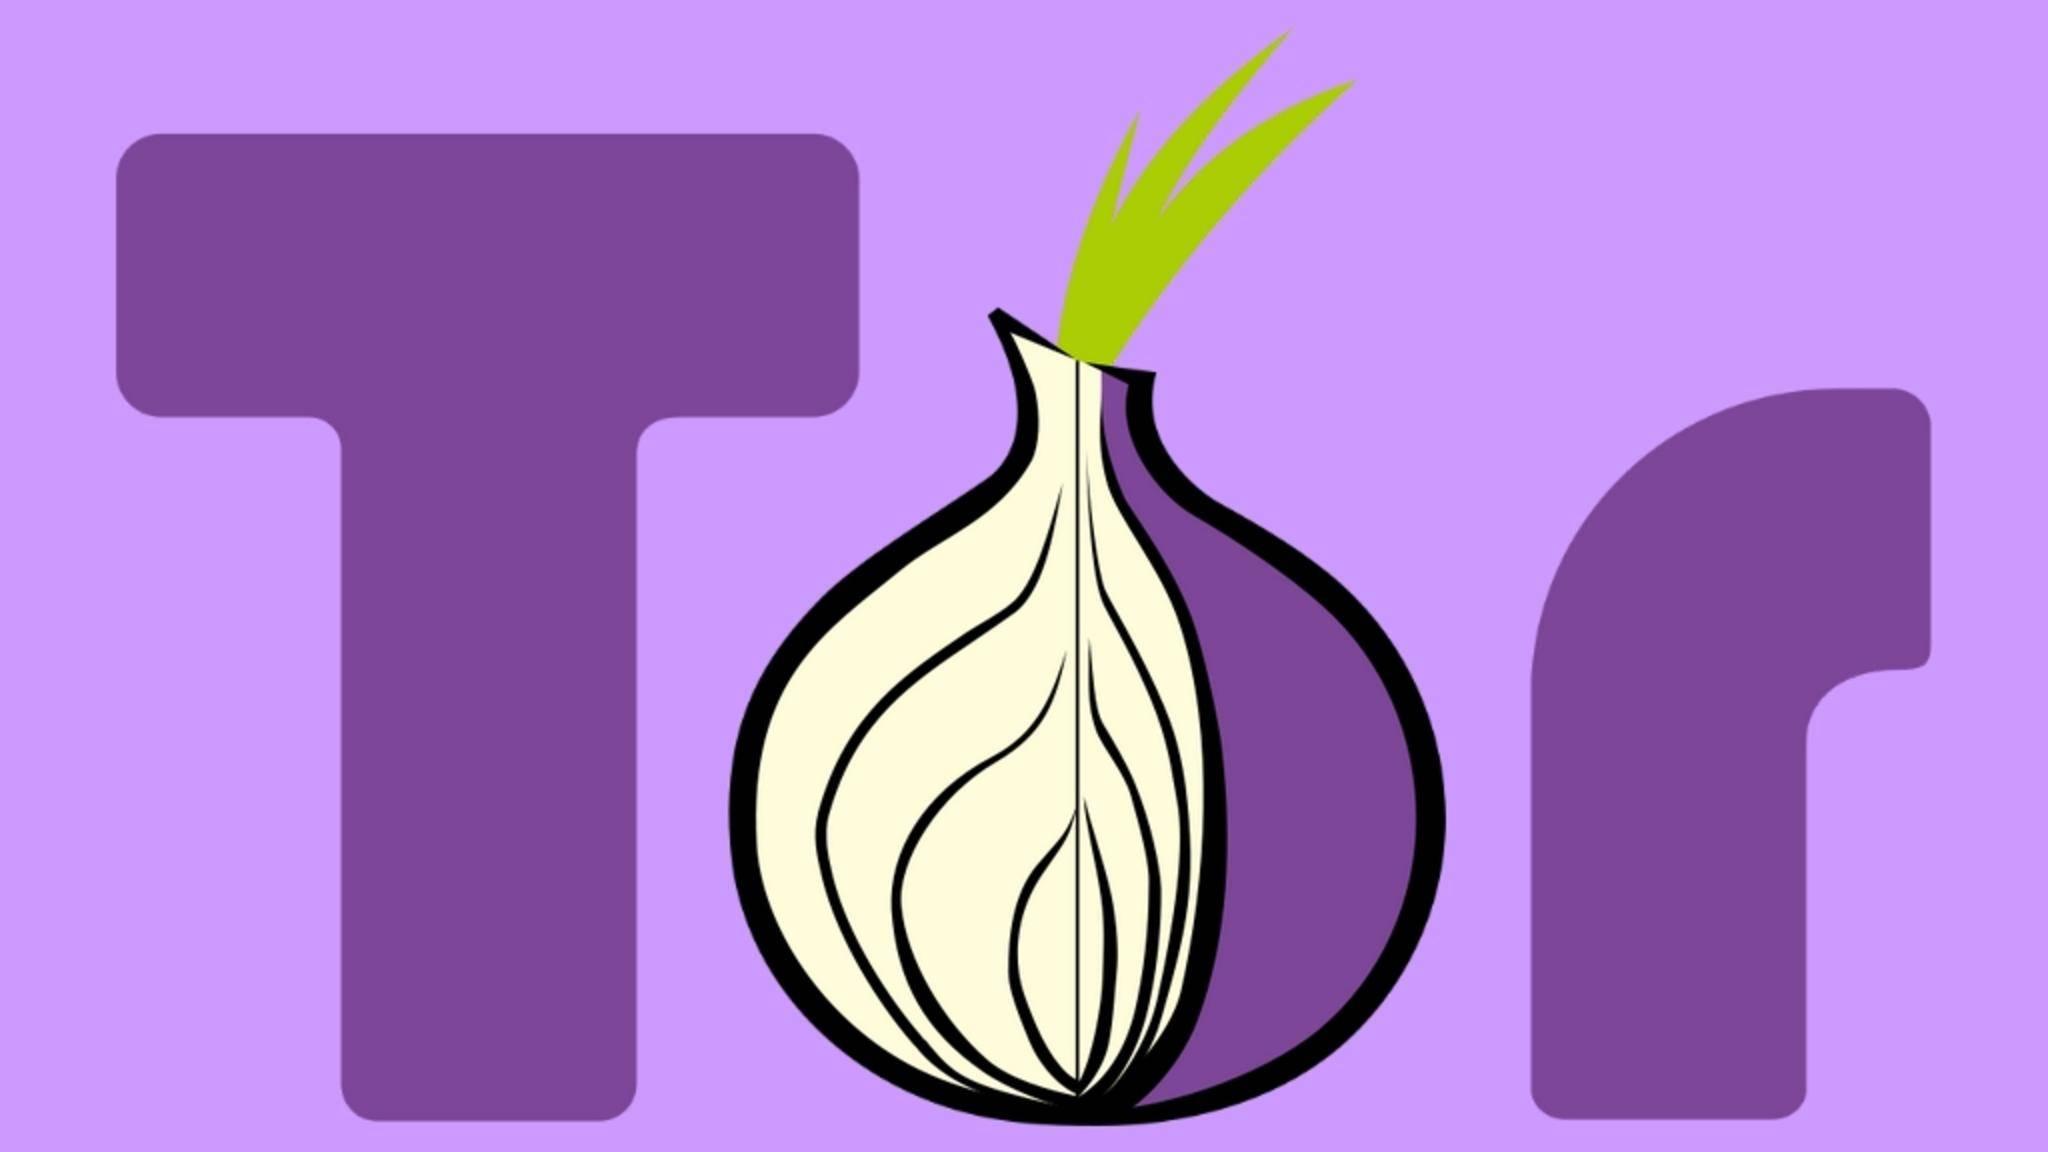 Über das Tor-Netzwerk kann man auch von Android-Geräten aus anonym im Netz surfen.